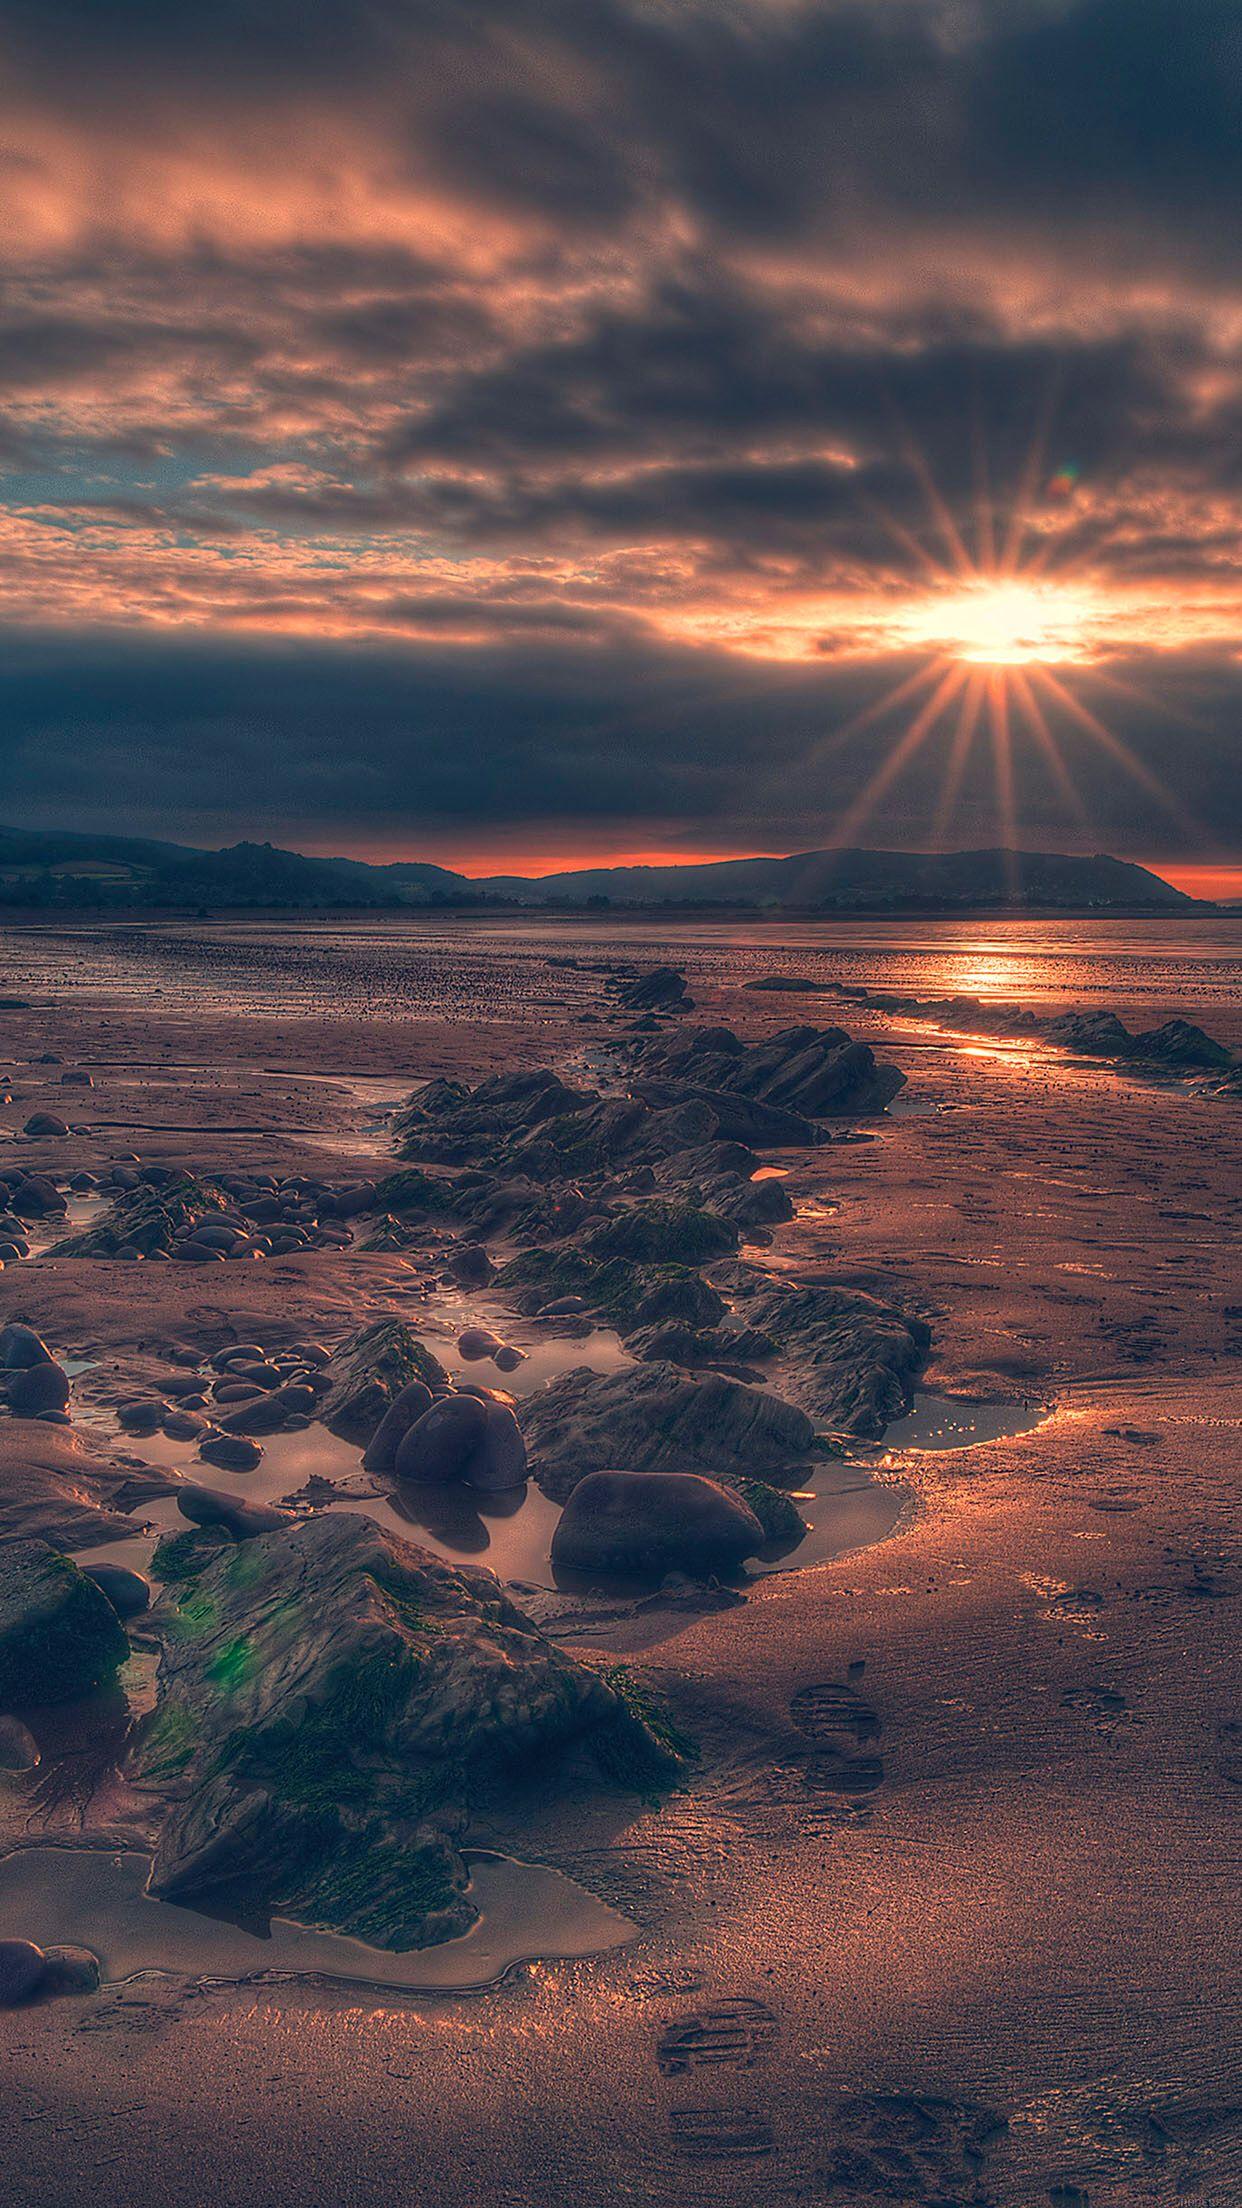 Un beau paysage Fond d'écran huawei, Fond ecran et Paysage